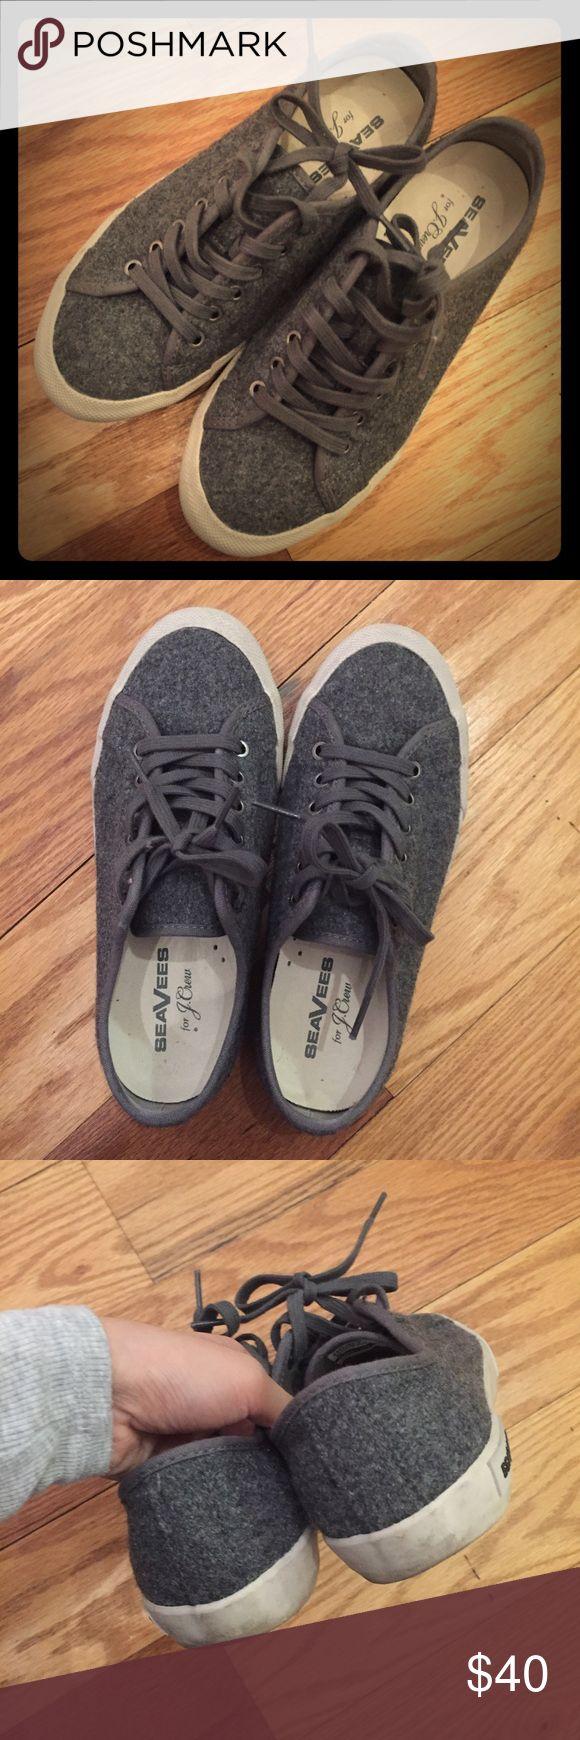 Seevees Black Shoe